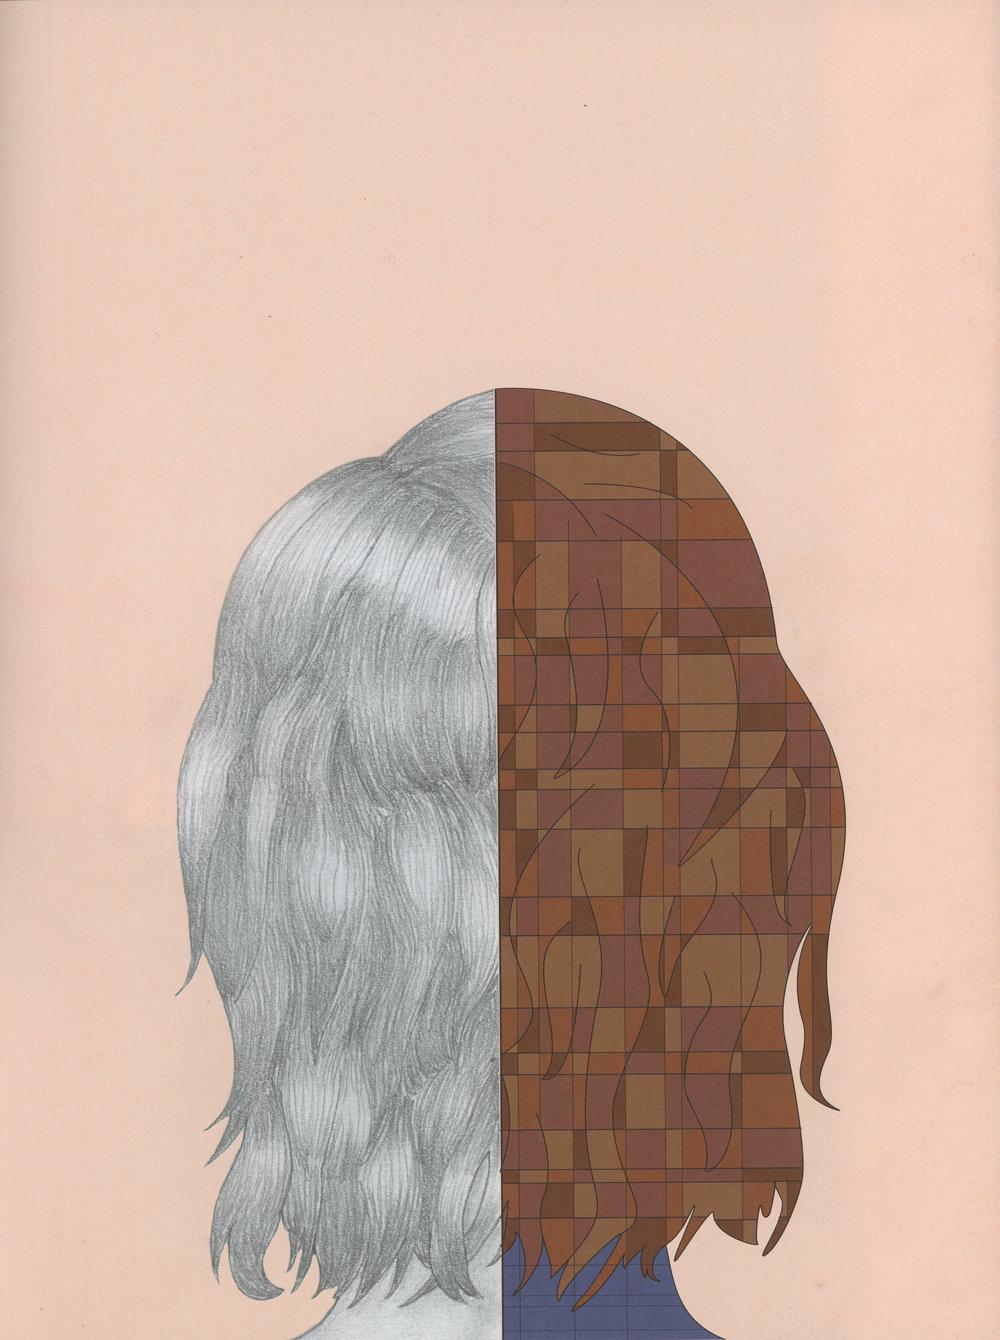 Anna Cain / Ethan Cutler